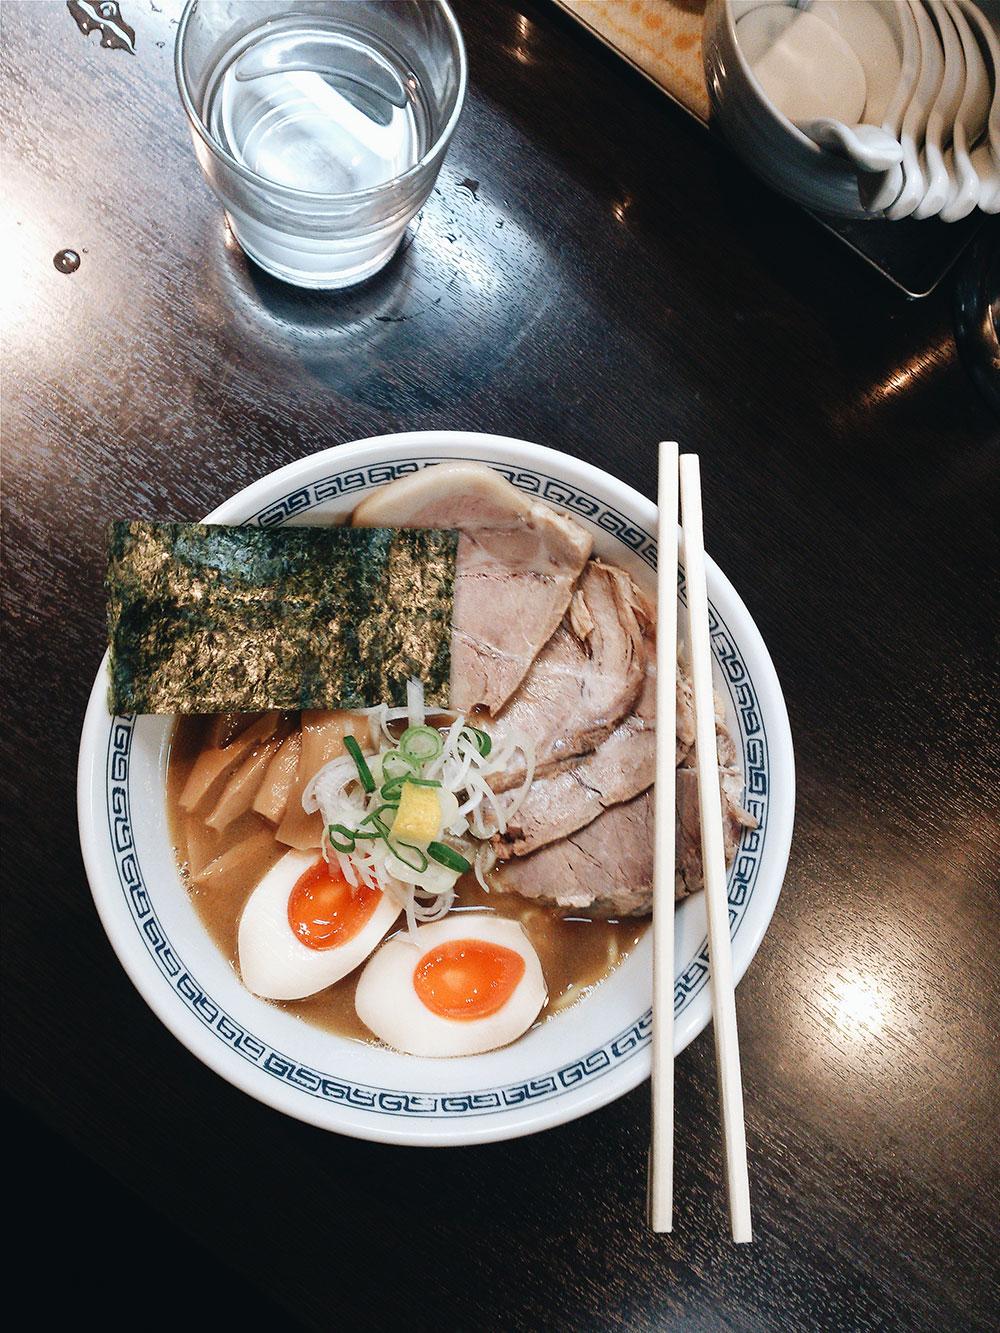 hayashi ramen, shibuya, tokyo, sketch and run, ramen, store, ramen, yakibuta